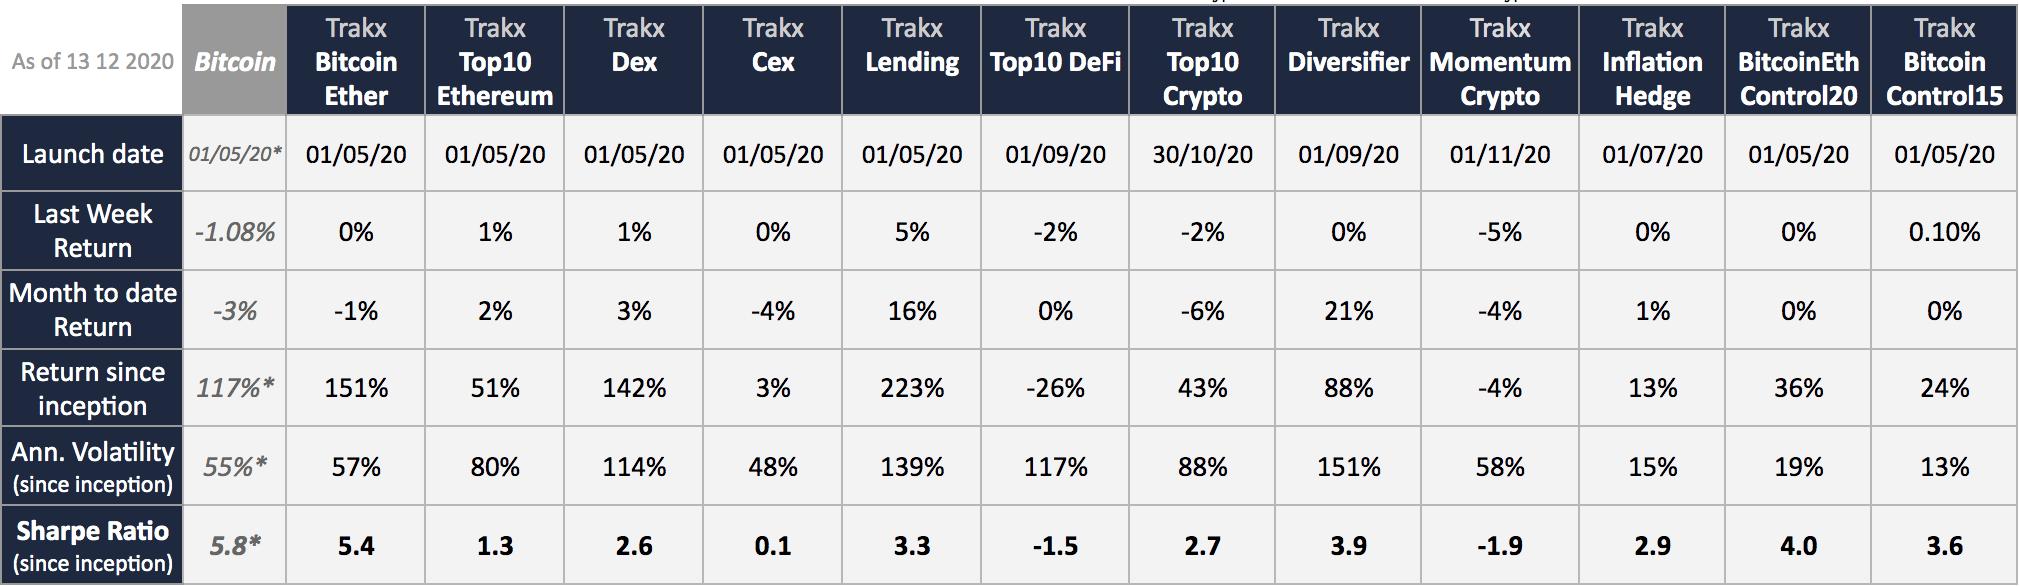 Trakx CTIs performances